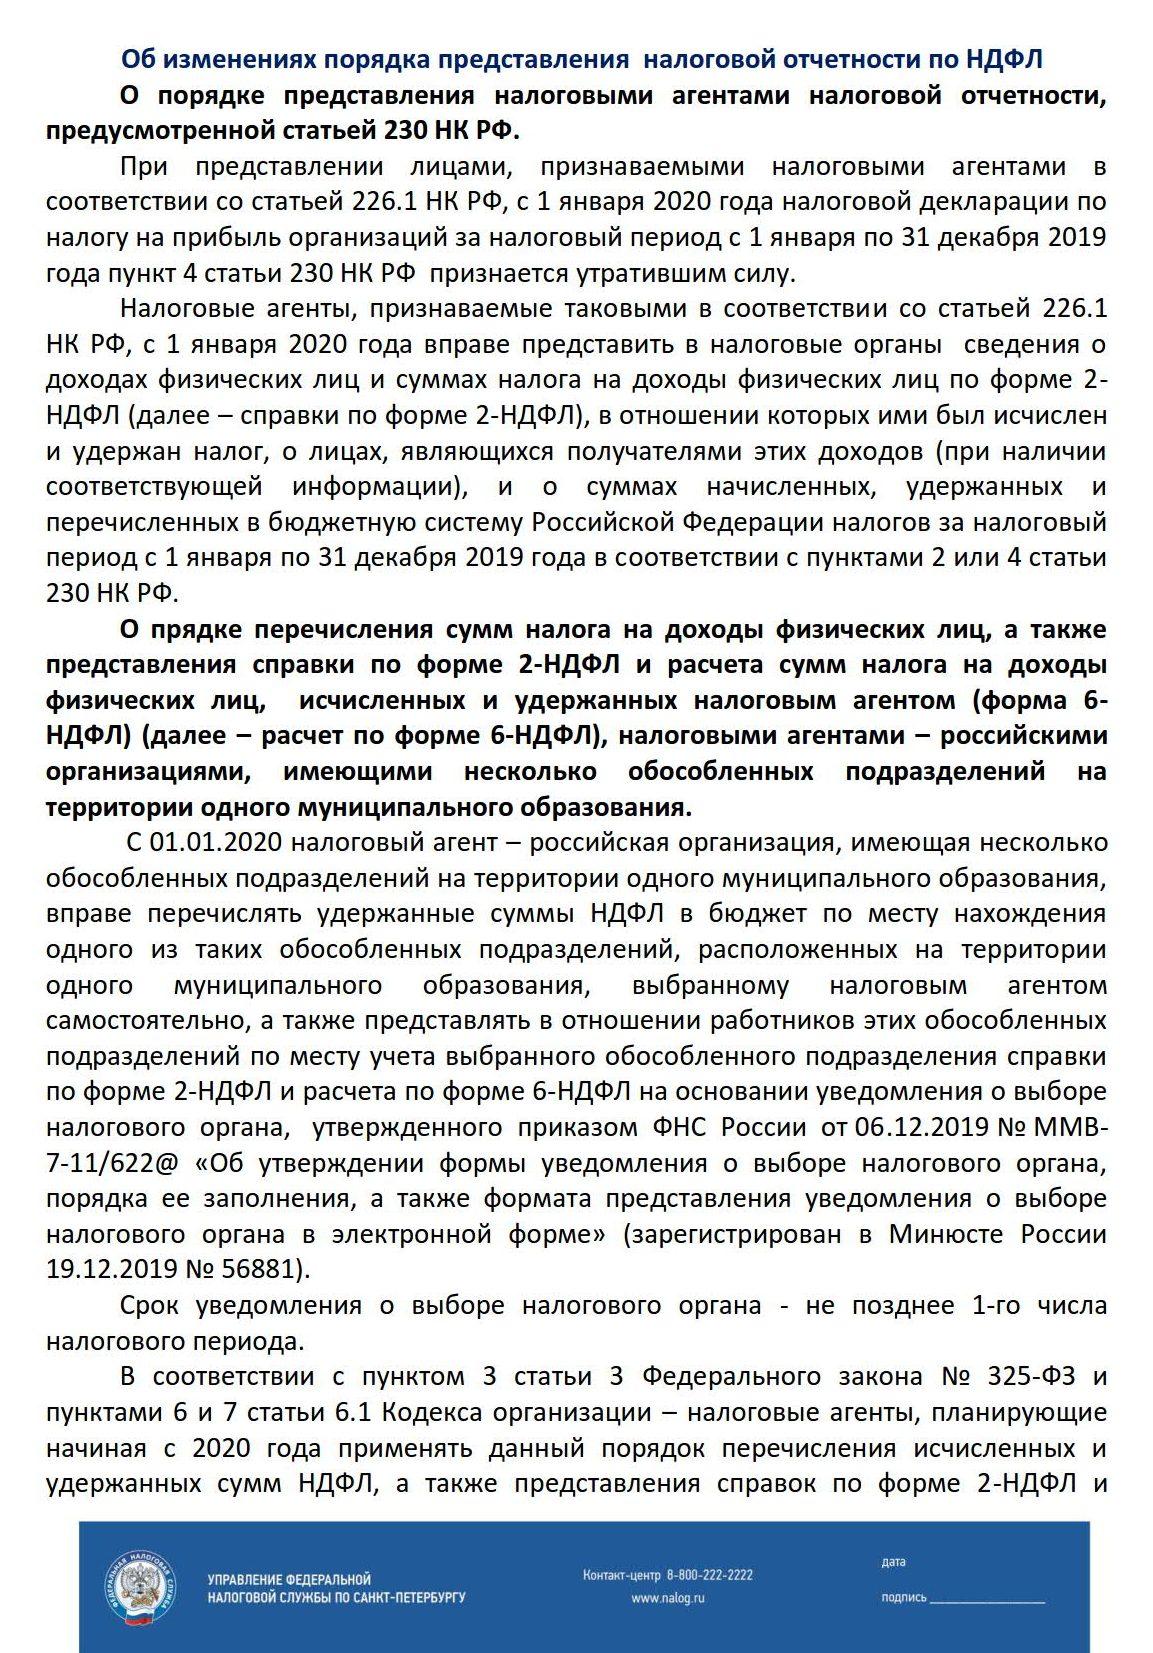 Об изменениях порядка представления налоговой отчетности по НДФЛ _1